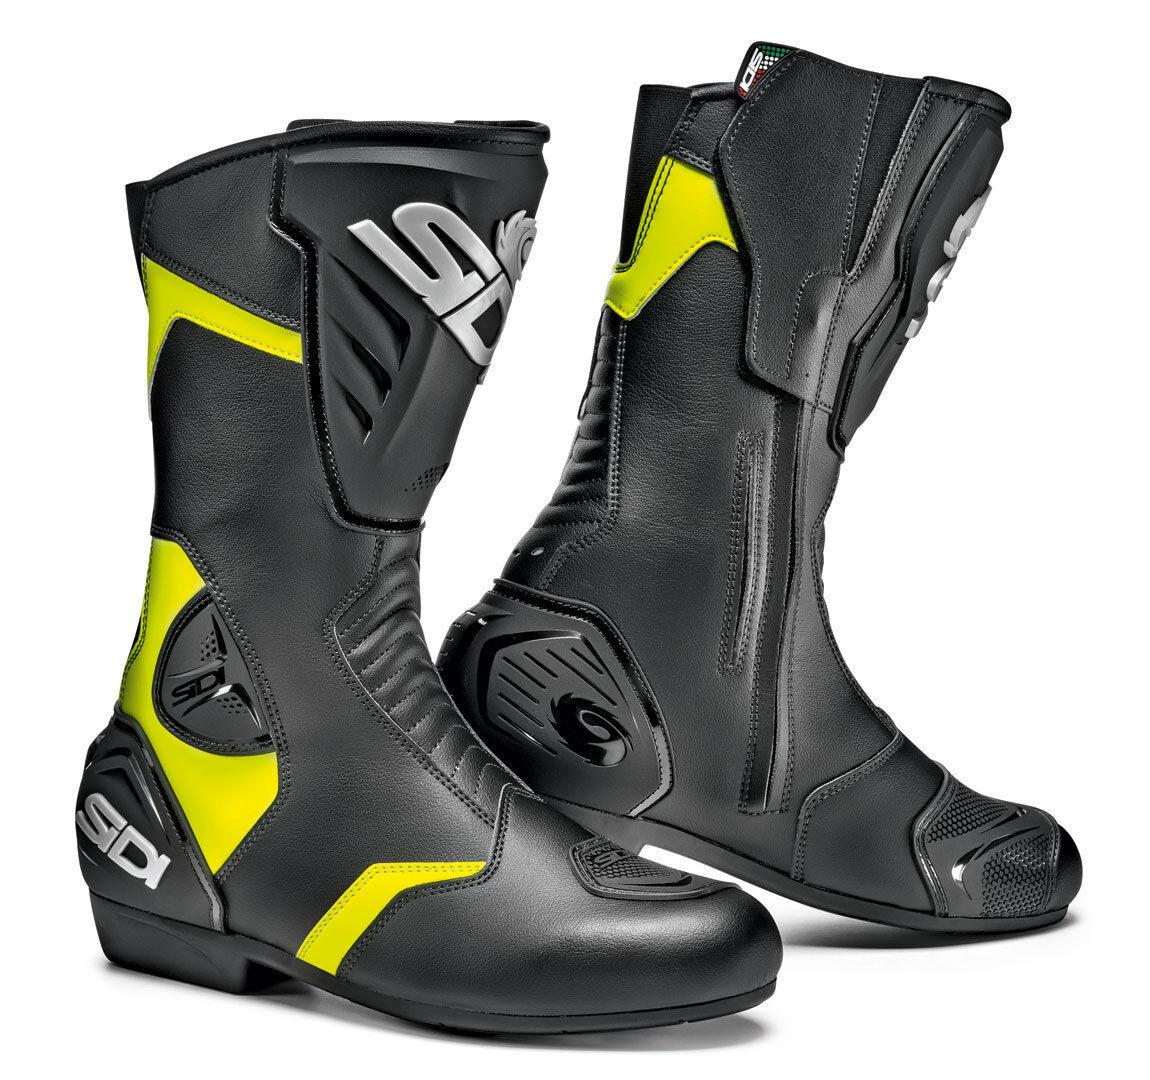 Sidi Black Rain Bottes de moto imperméable à l'eau Noir Jaune taille : 42